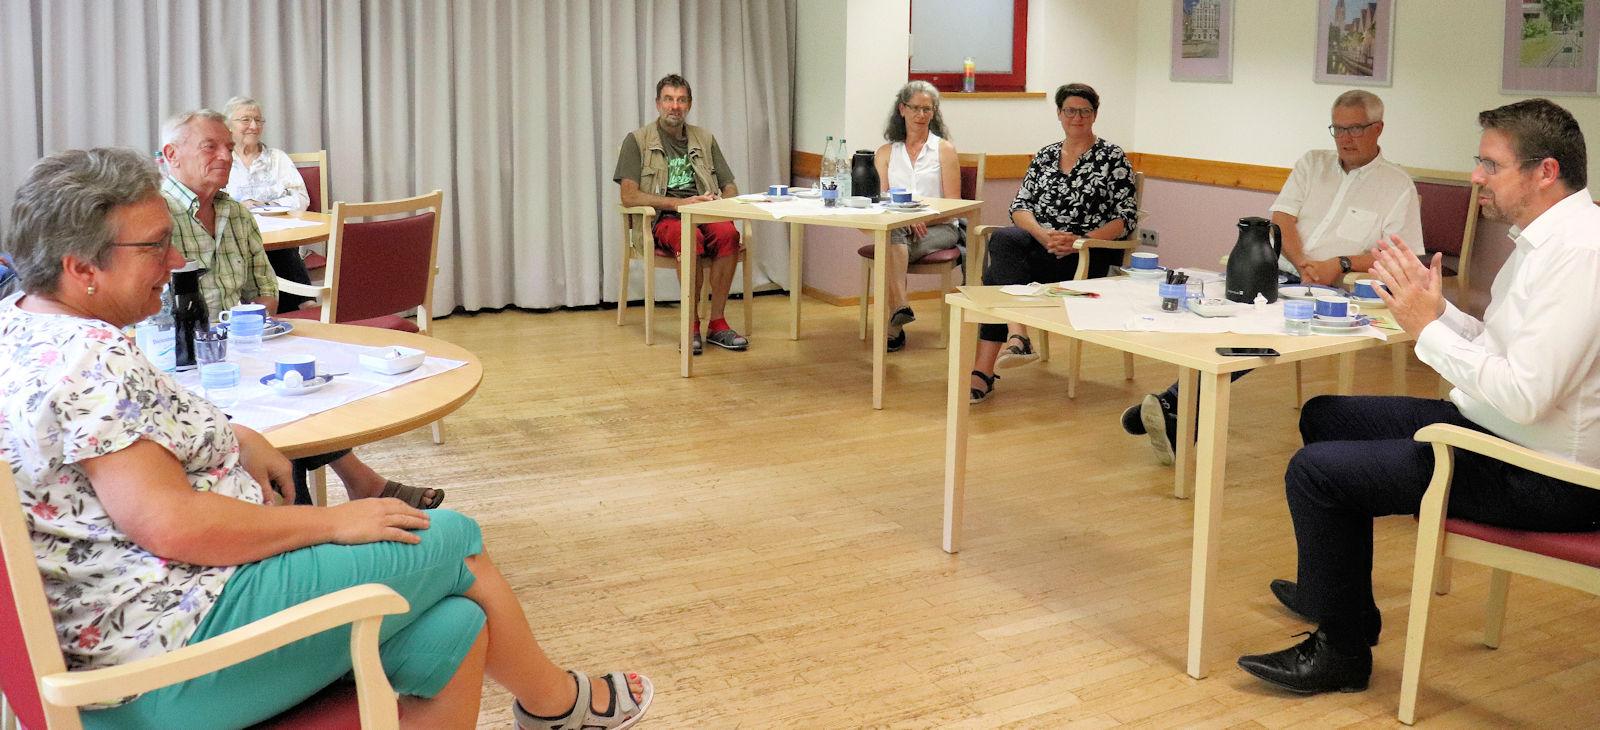 Stephan Stracke im Gespräch mit Pflegefachkräften und pflegenden Angehörigen.